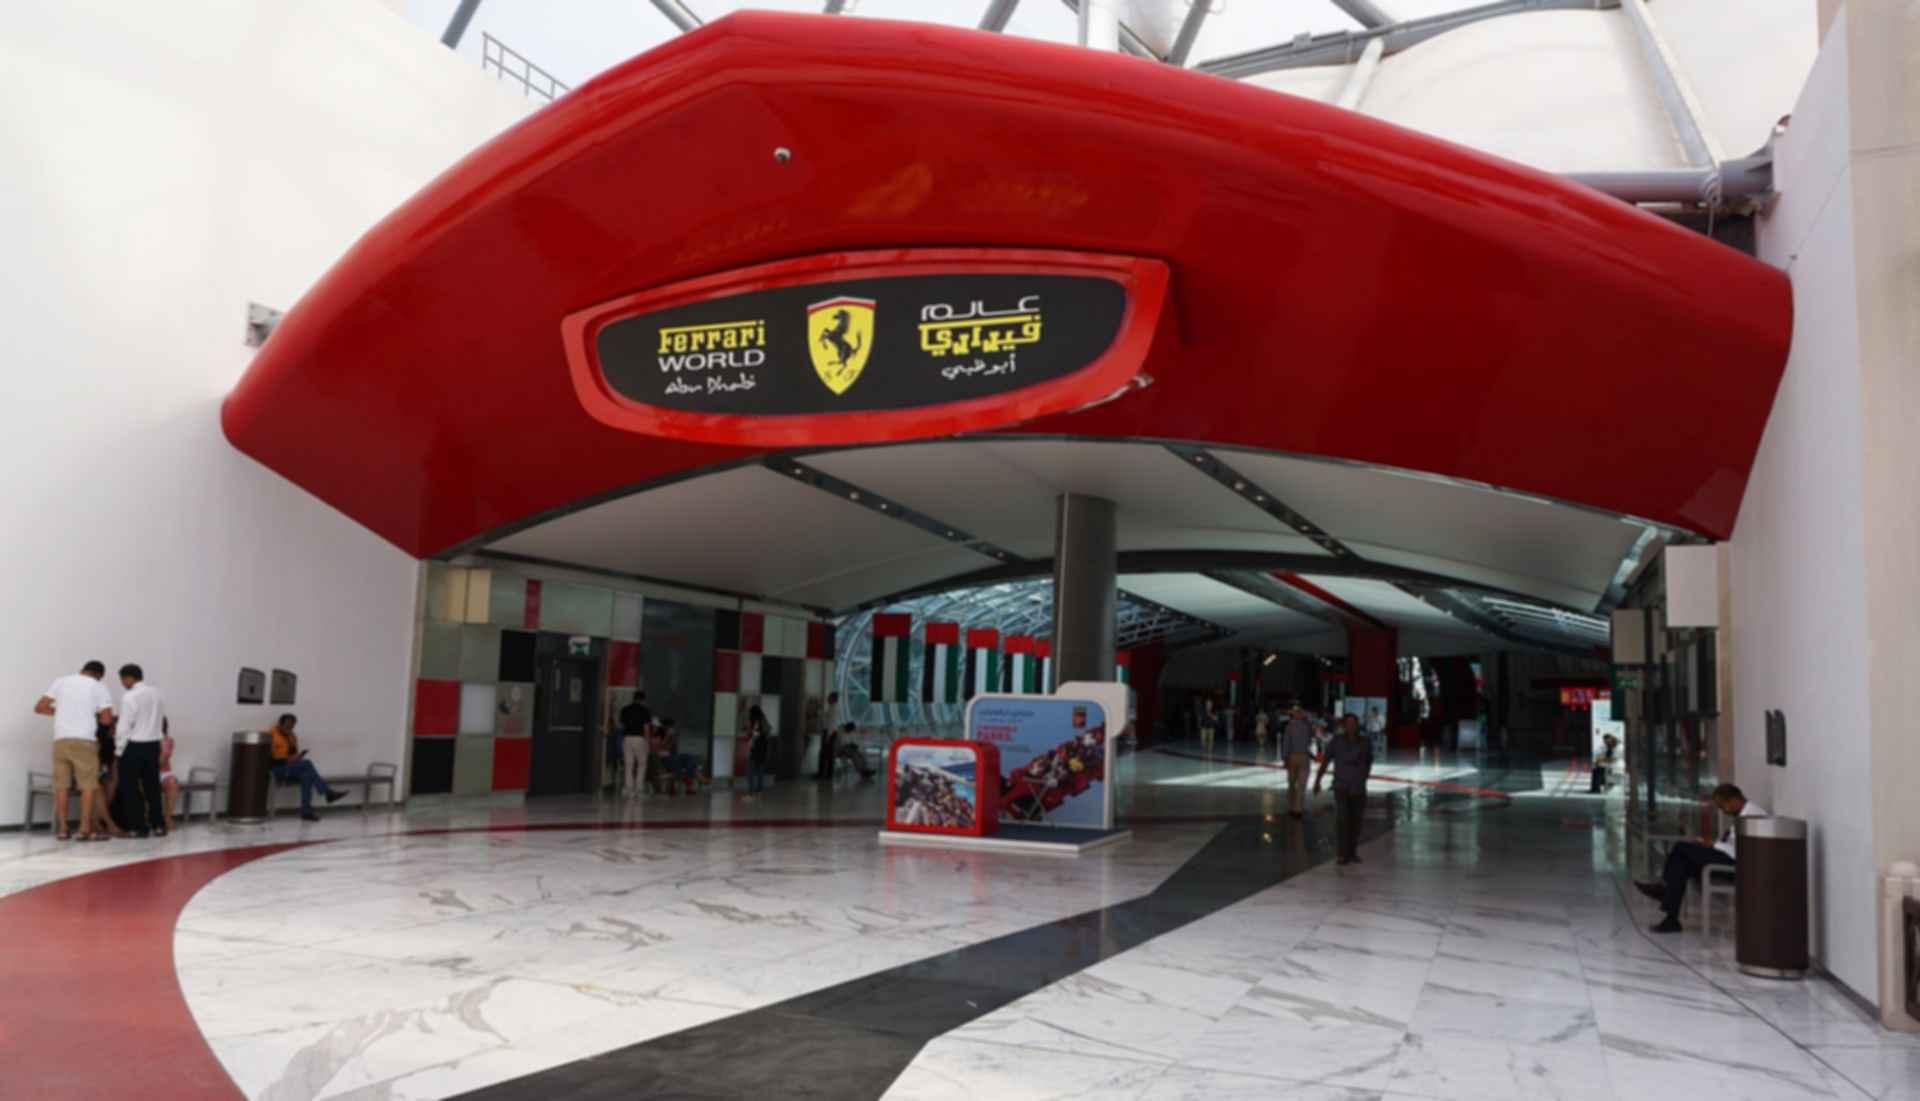 Ferrari World Abu Dhabi - Entrance